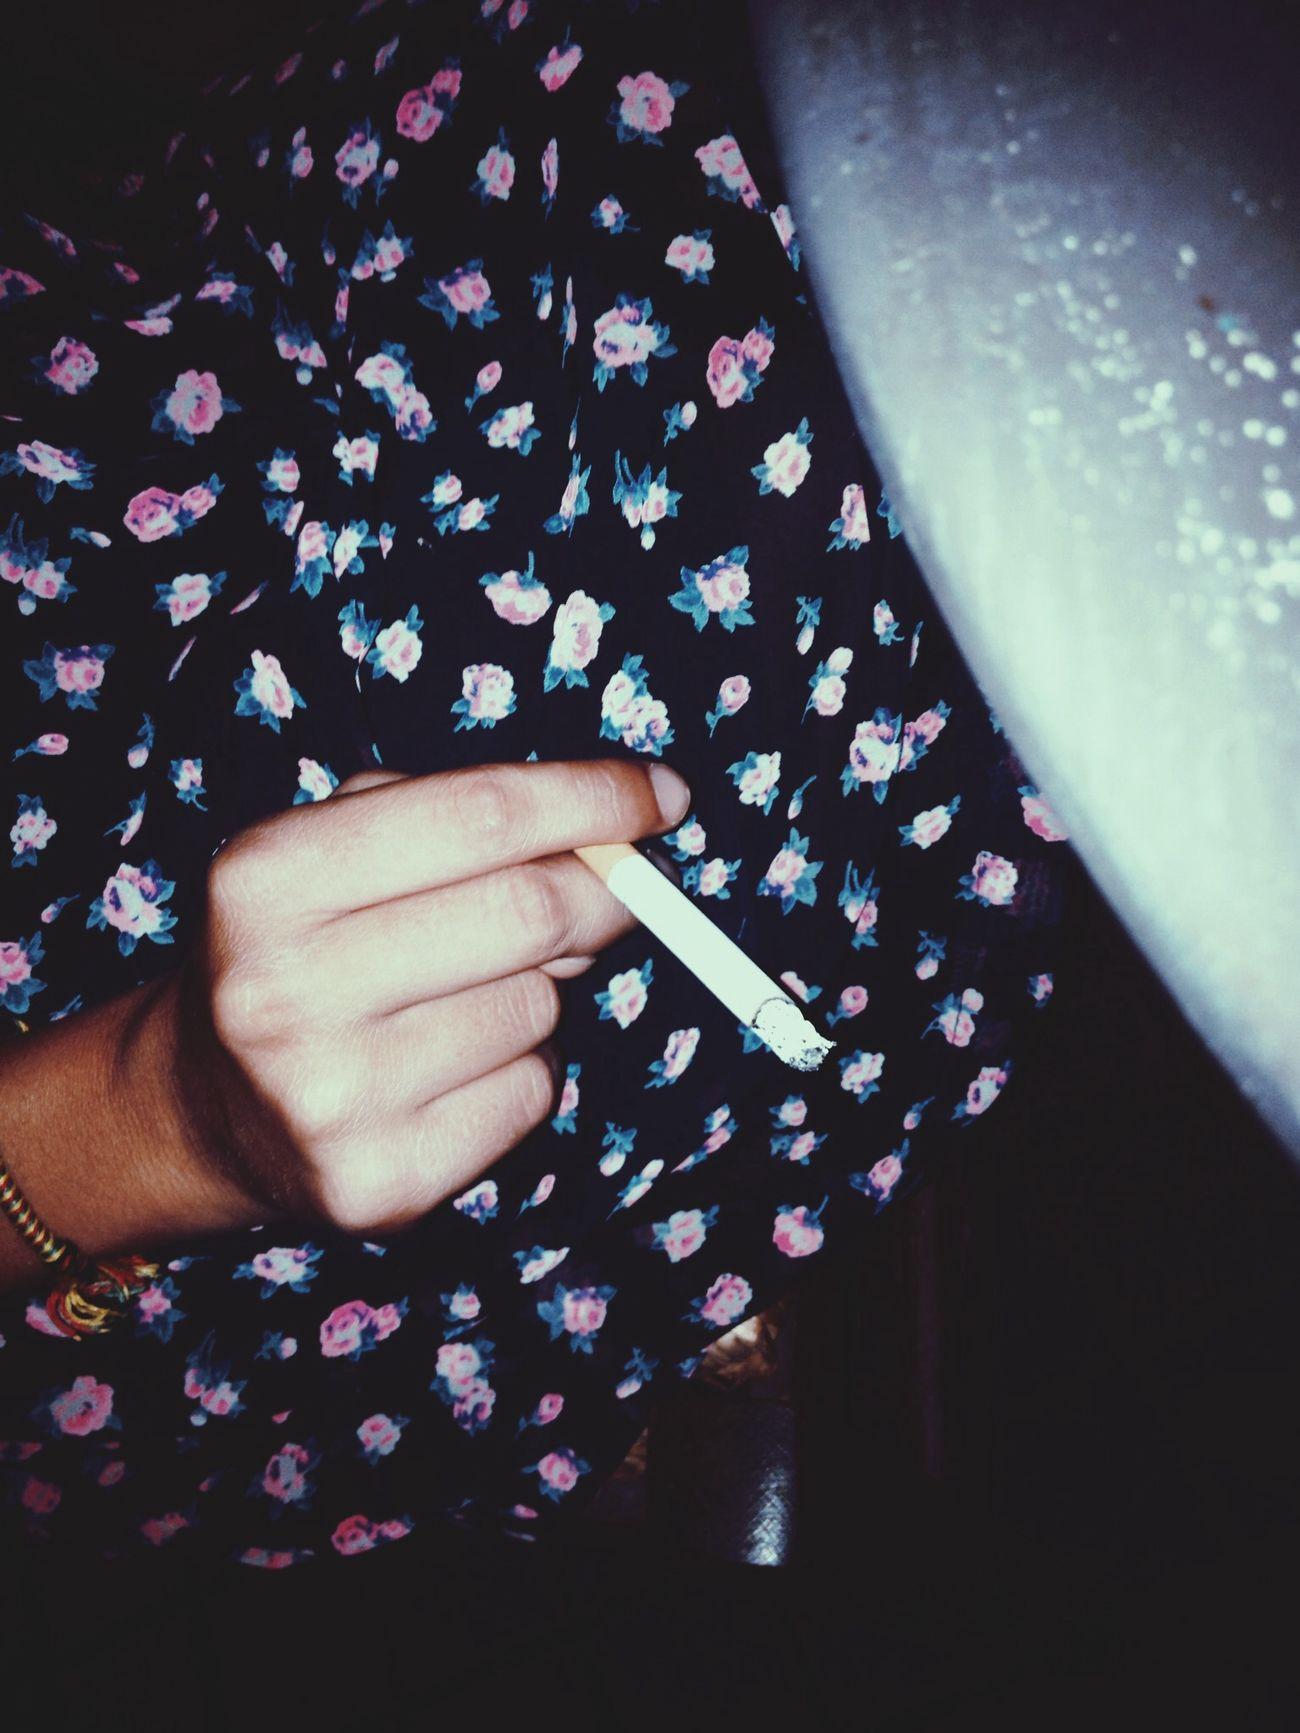 Ciggar Smoking Floral Skirt Grunge